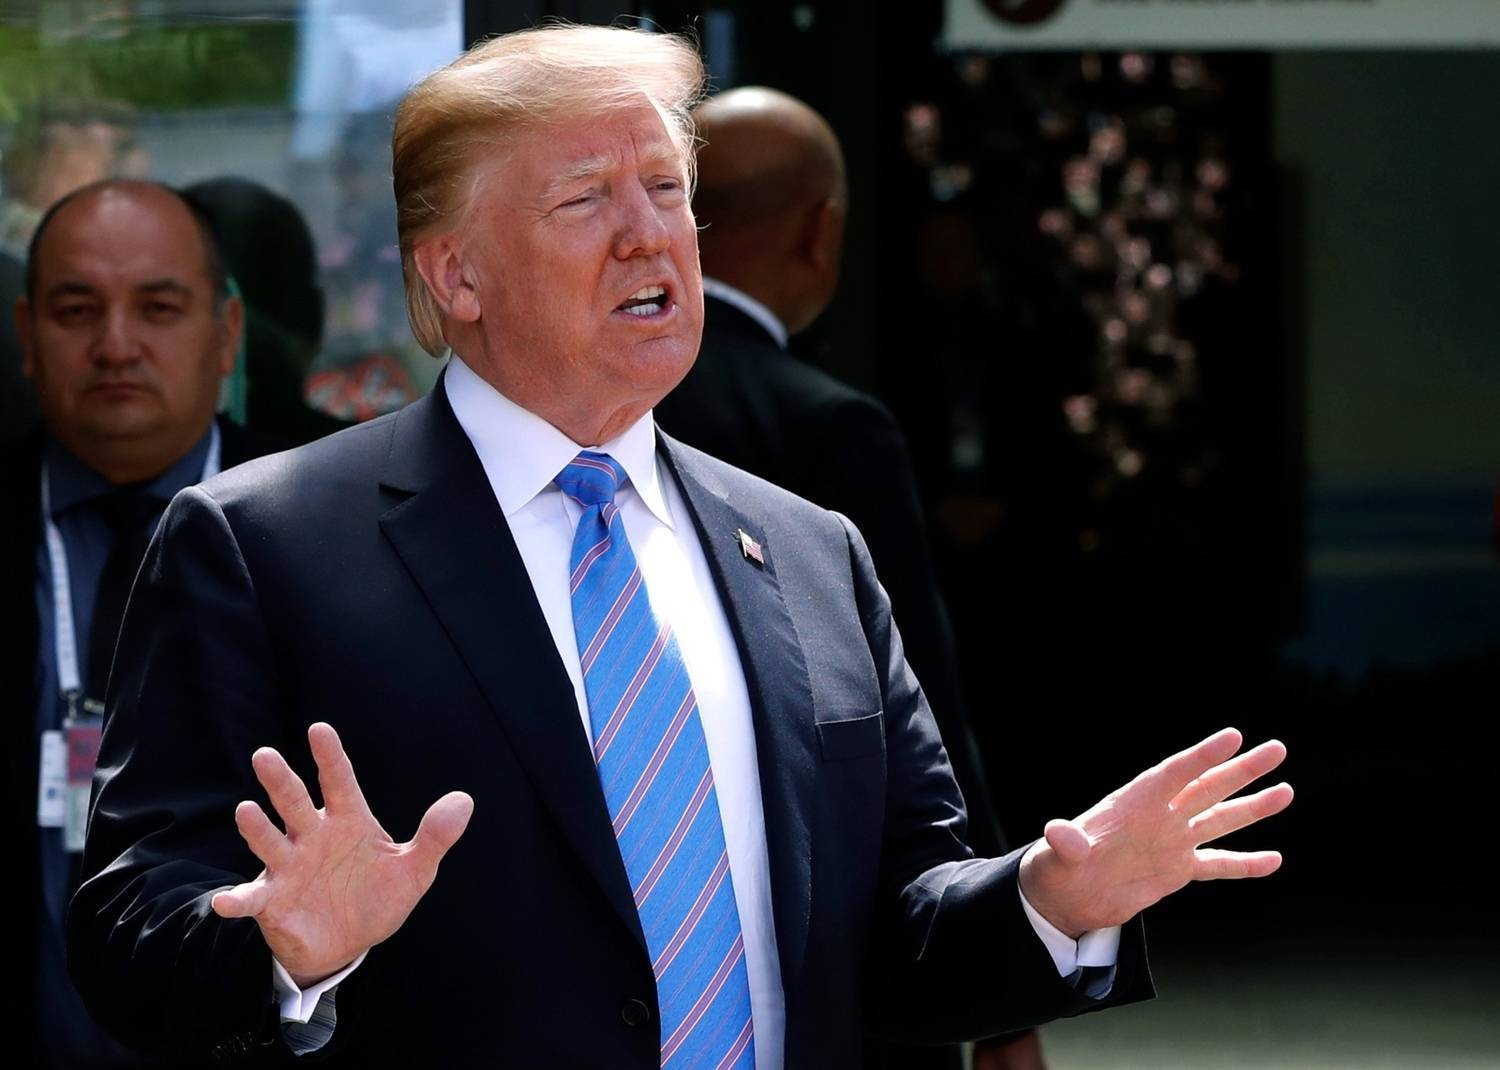 Acordo com a Coreia do Norte será 'no impulso do momento', diz Trump